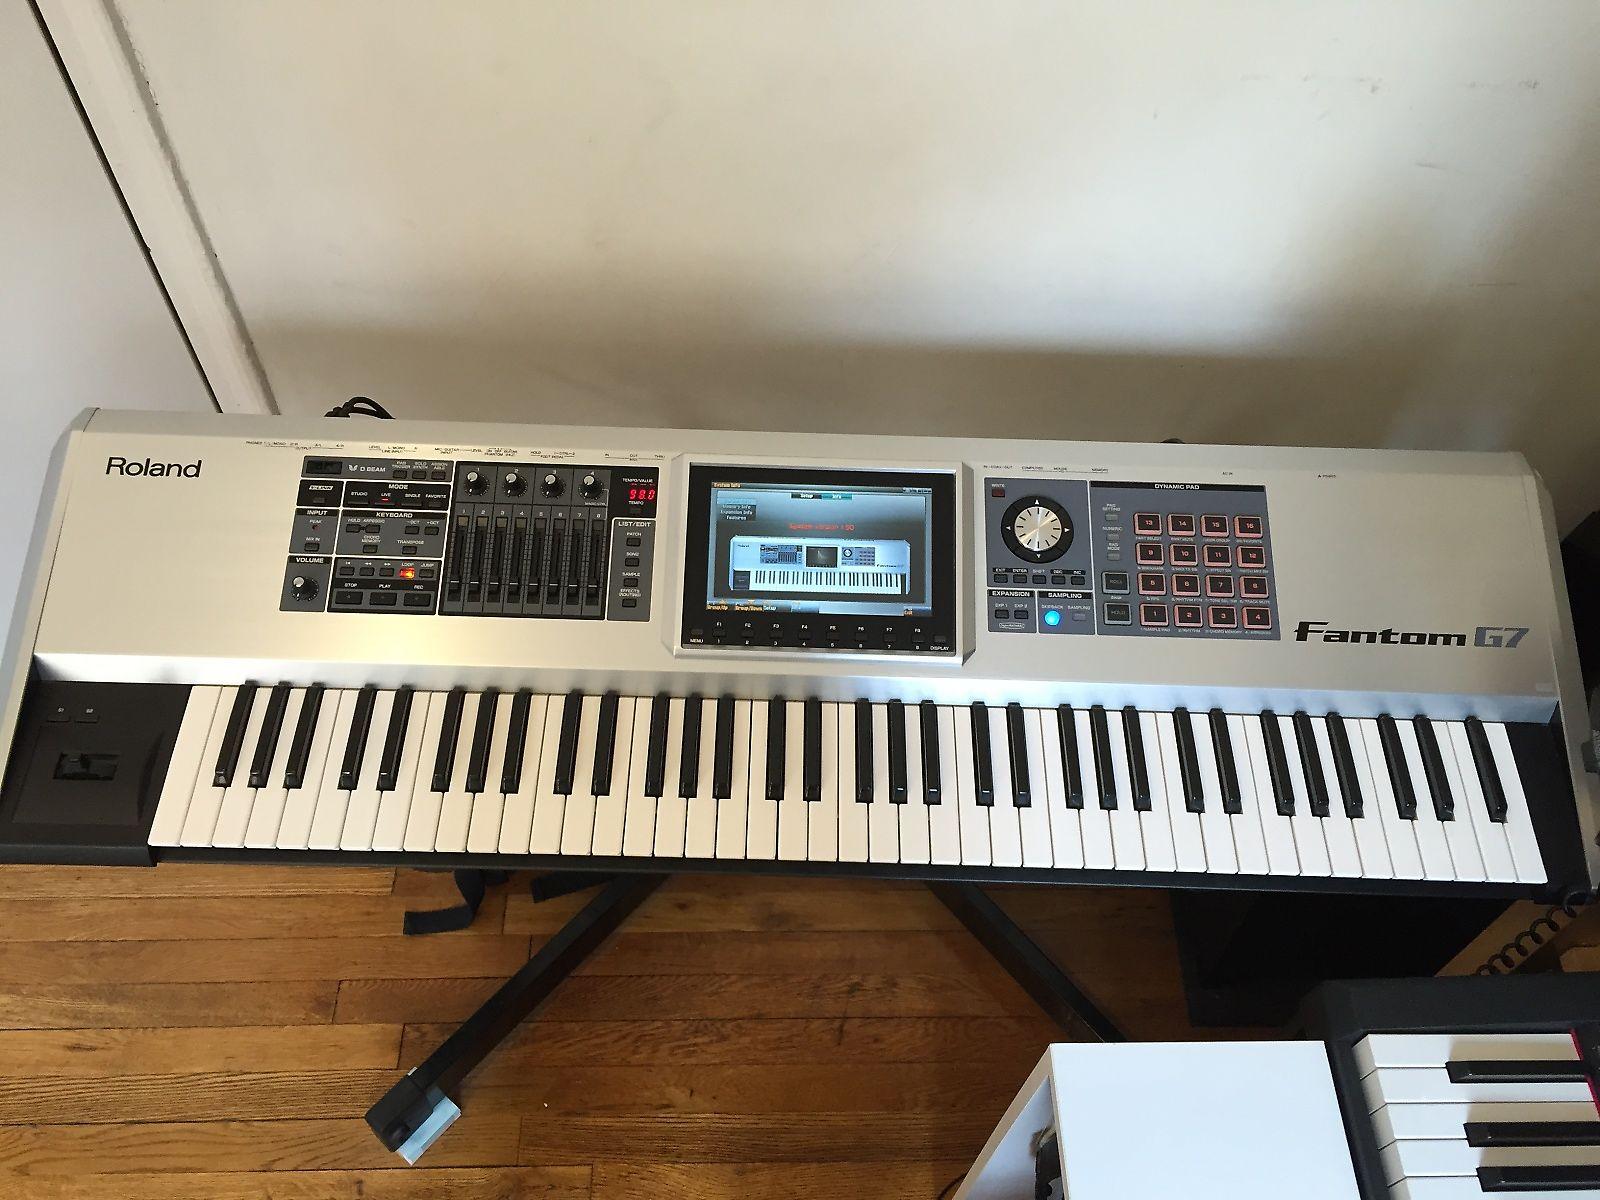 roland fantom g7 76 key workstation keyboard reverb. Black Bedroom Furniture Sets. Home Design Ideas